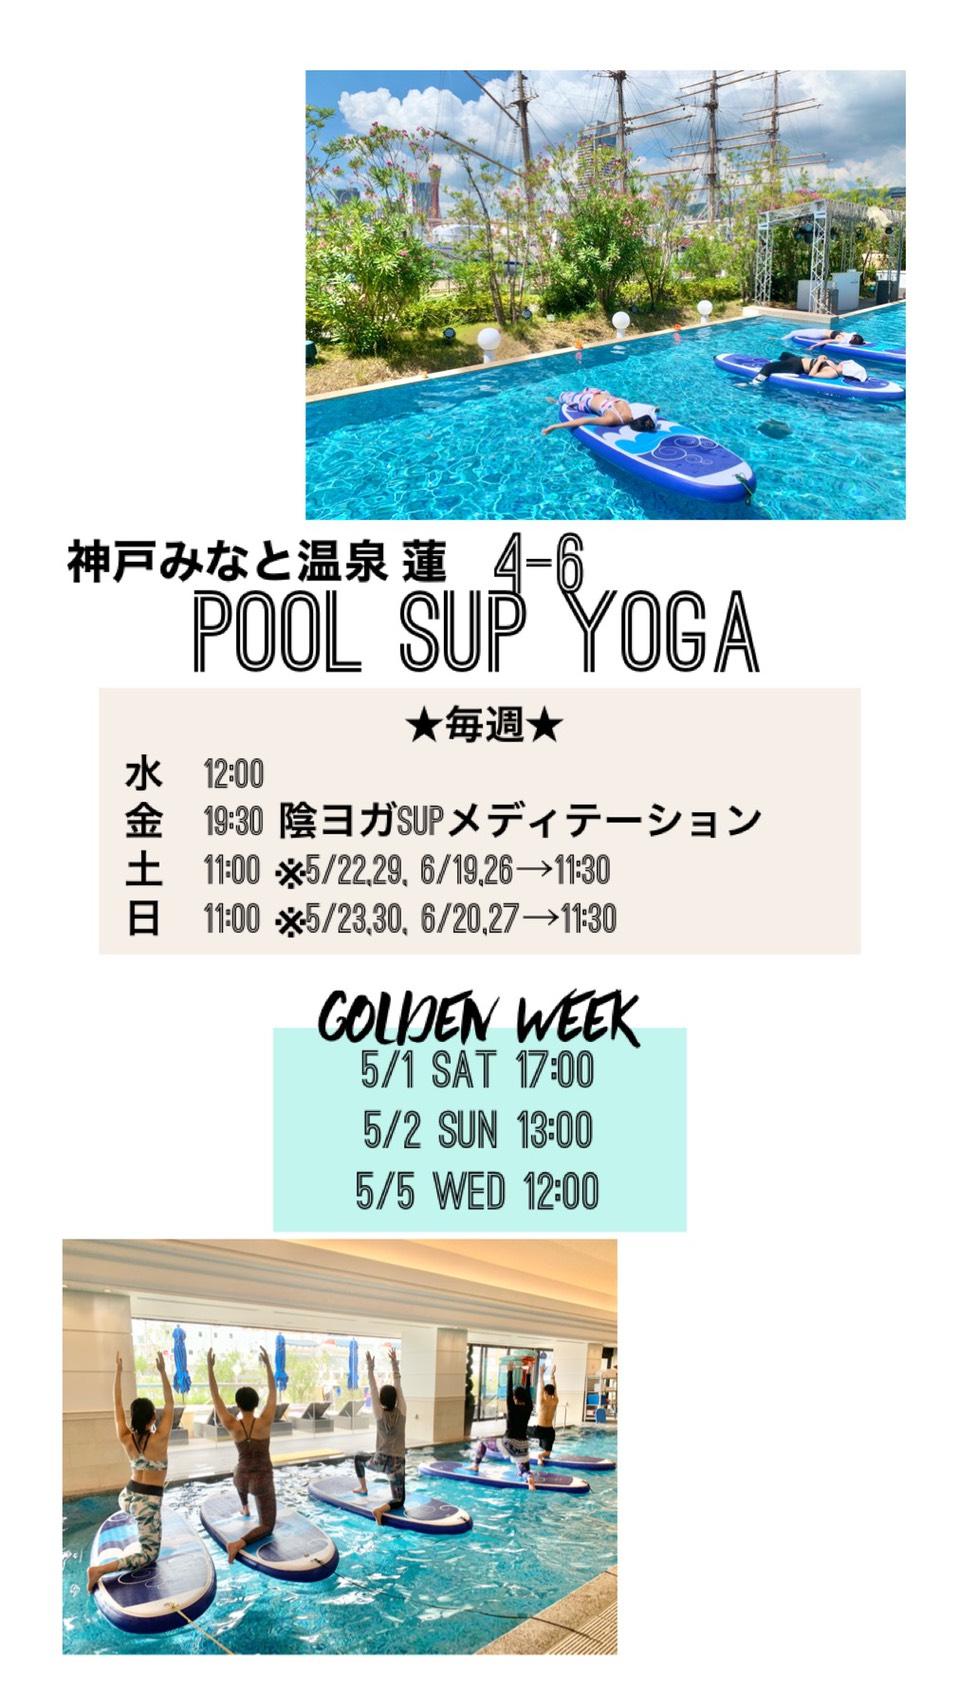 神戸みなと温泉蓮GW・4-6月